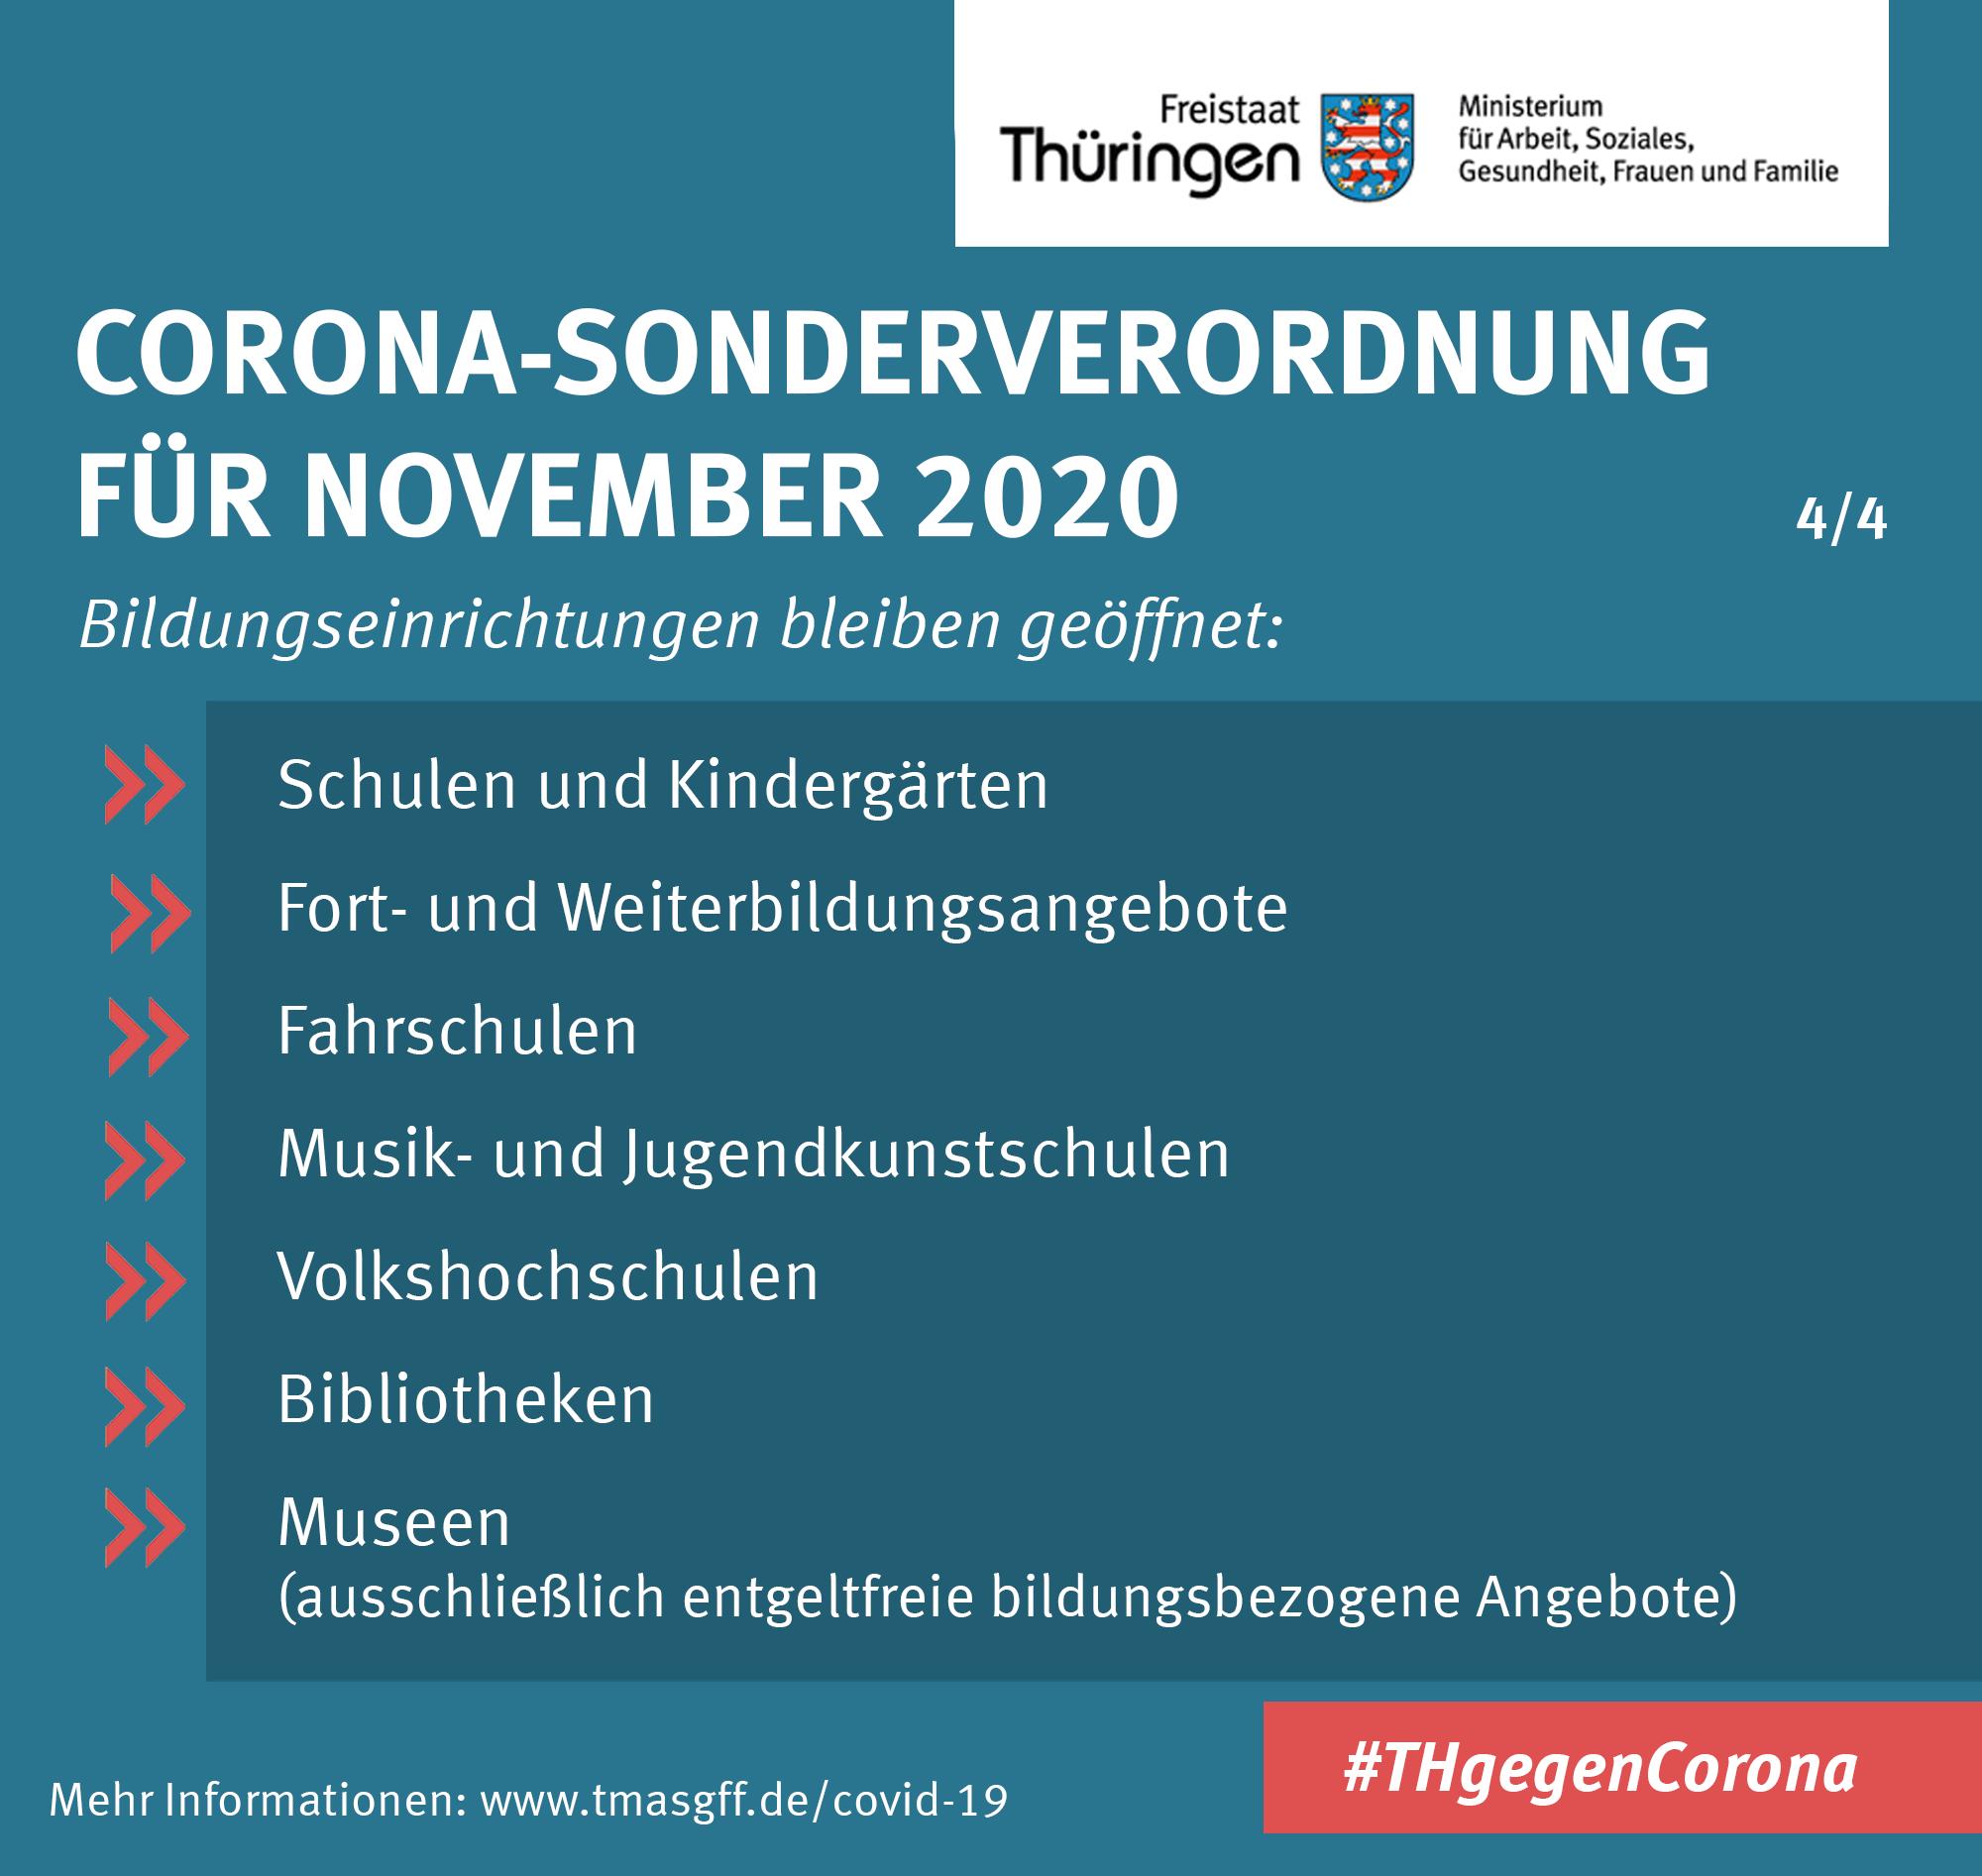 Zusammenfassung Corona-Sonderverordnung November 2020 3/4